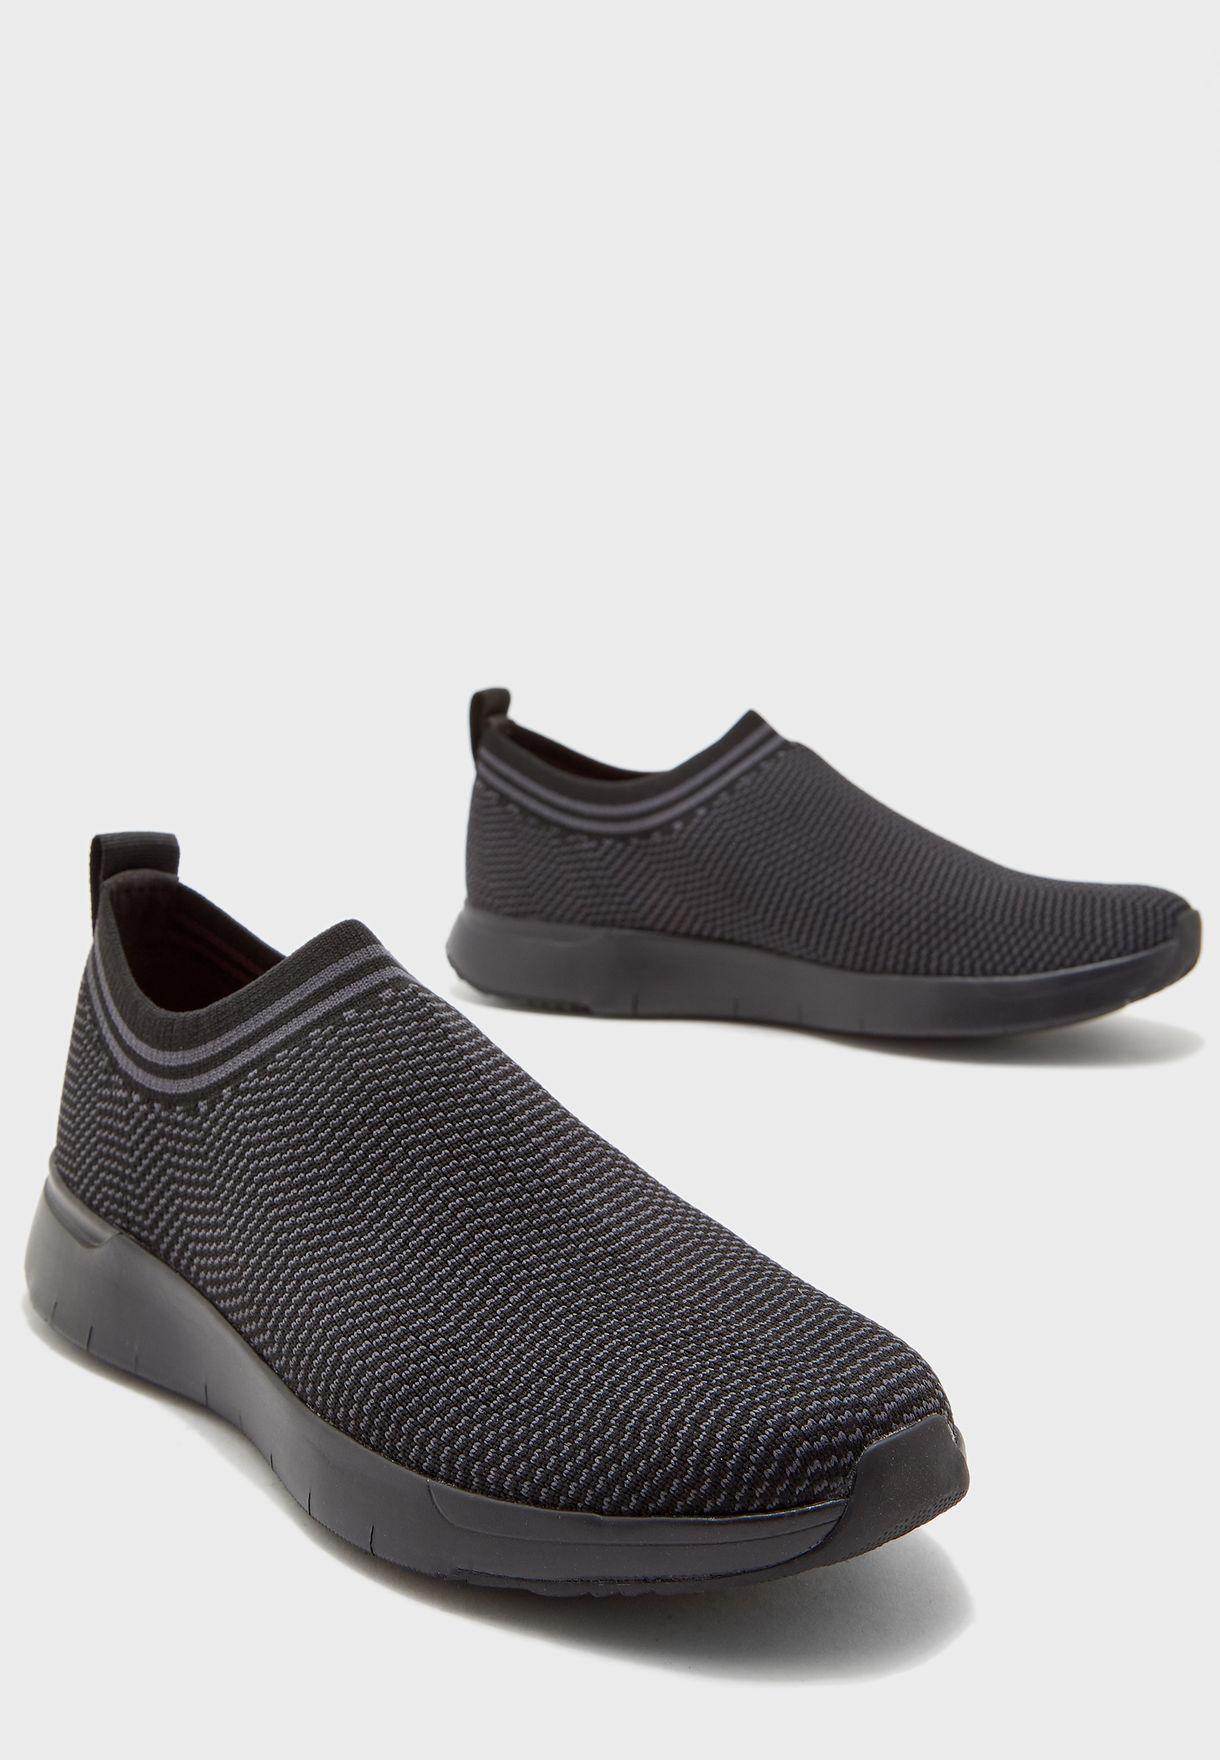 Fitflop black Fineknit Mesh Sneakers